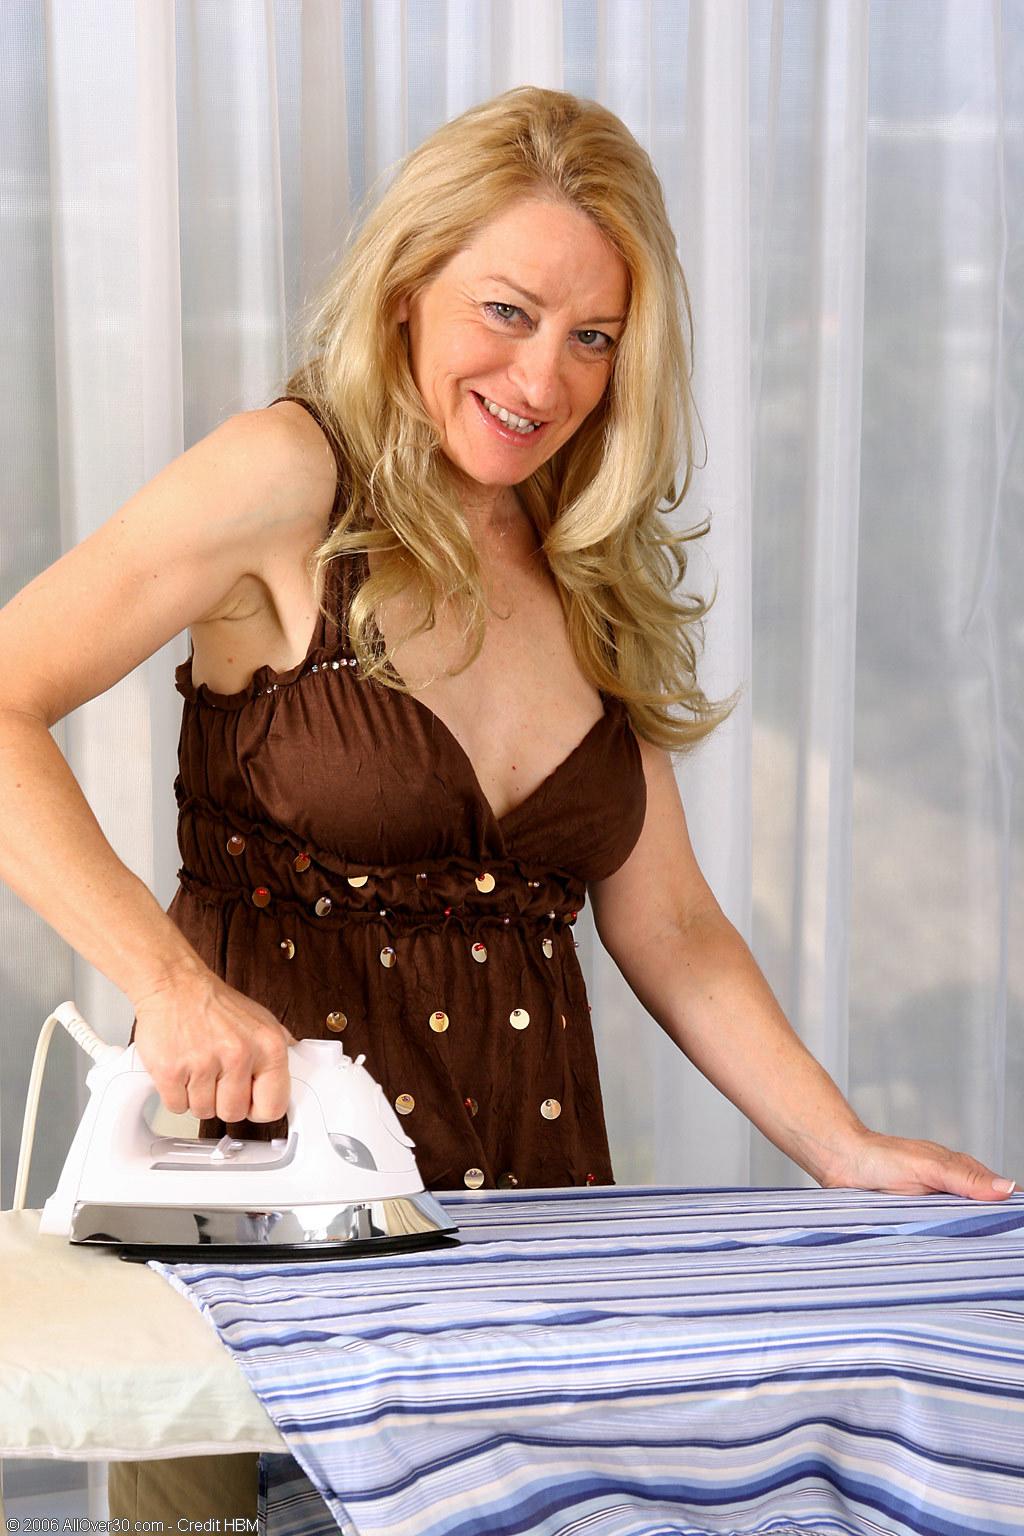 Nude ironing